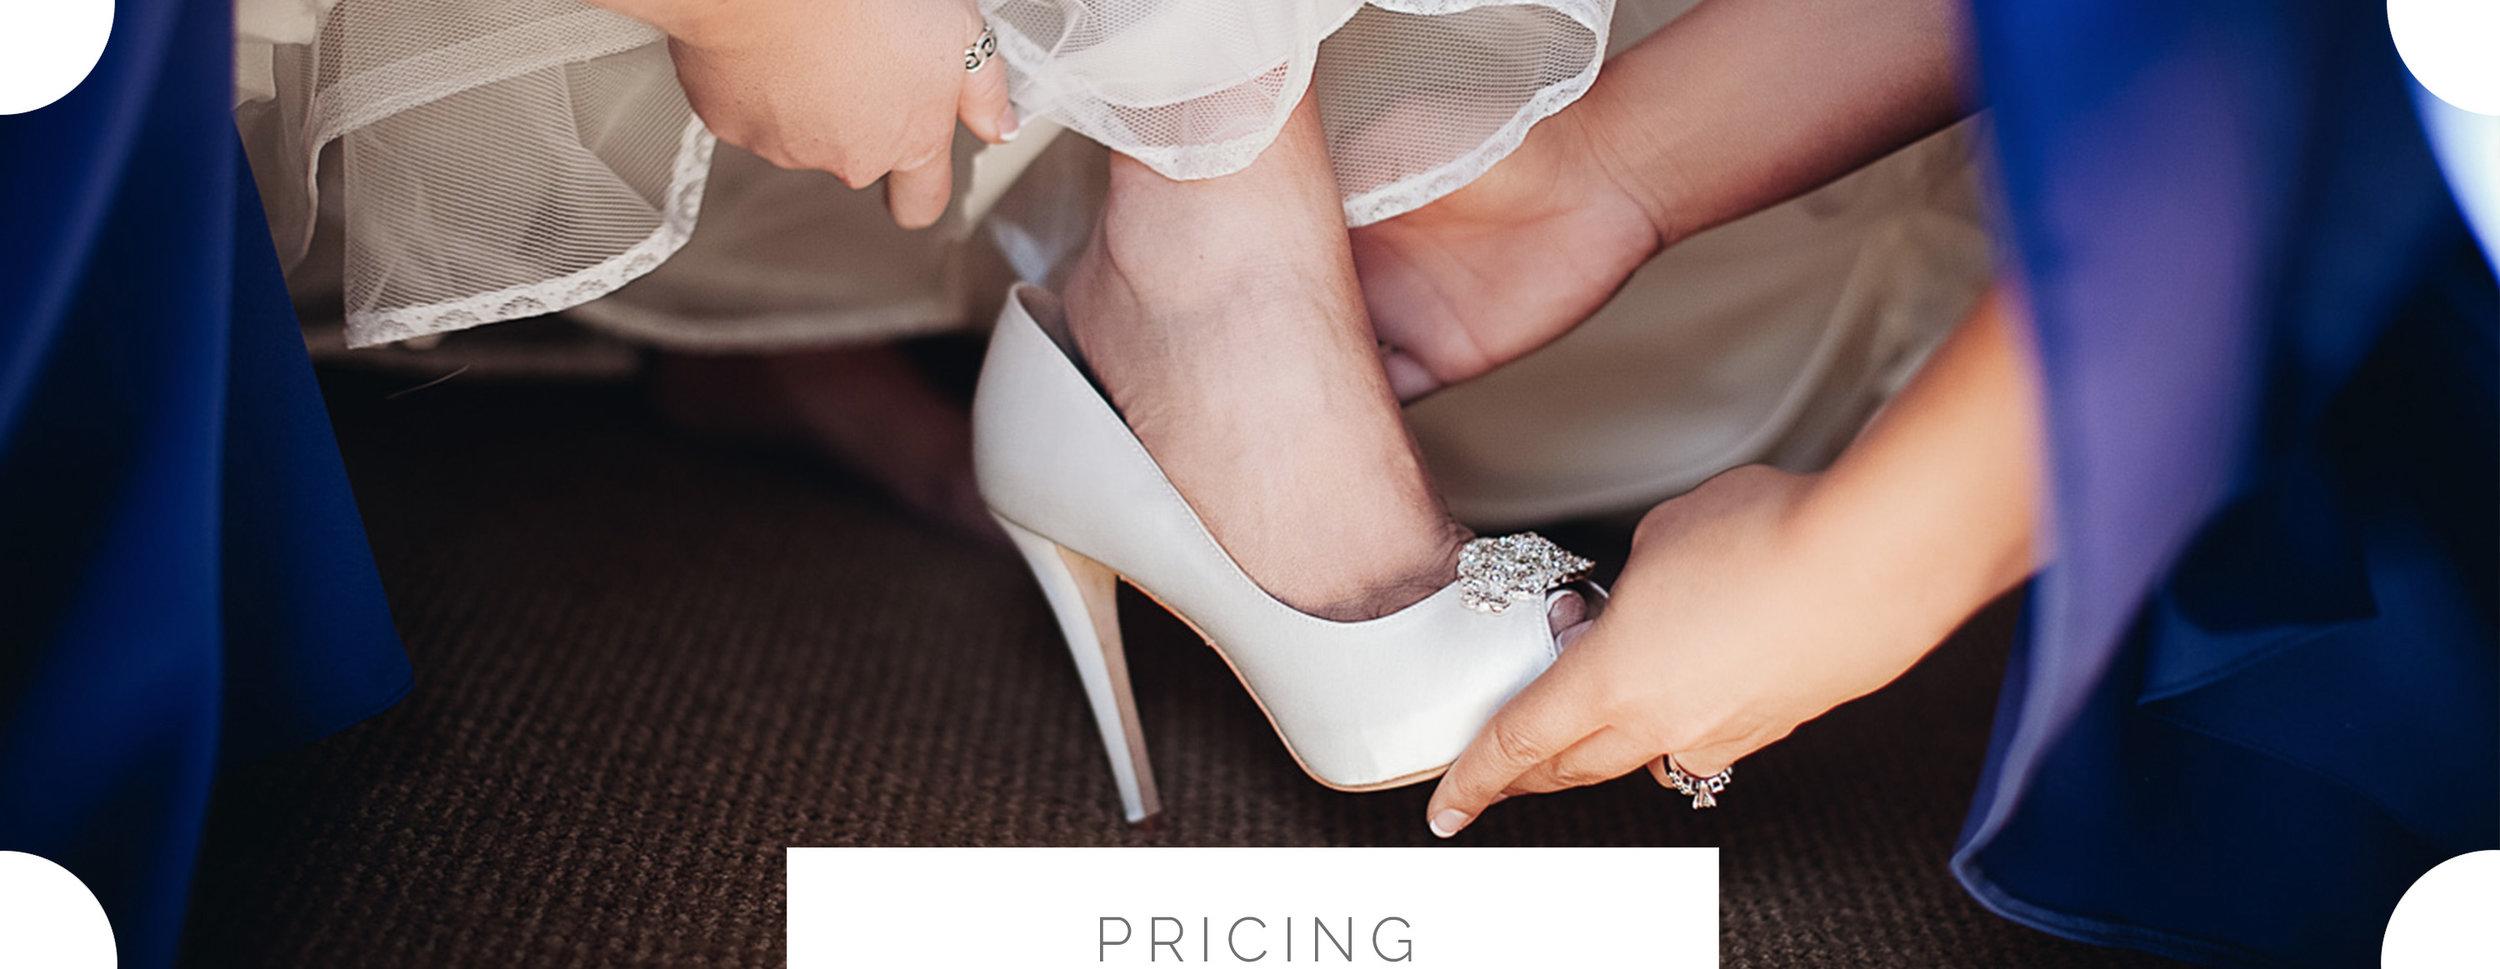 JMPHOTOART-Best-Wedding-Photographer-Pricing.jpg